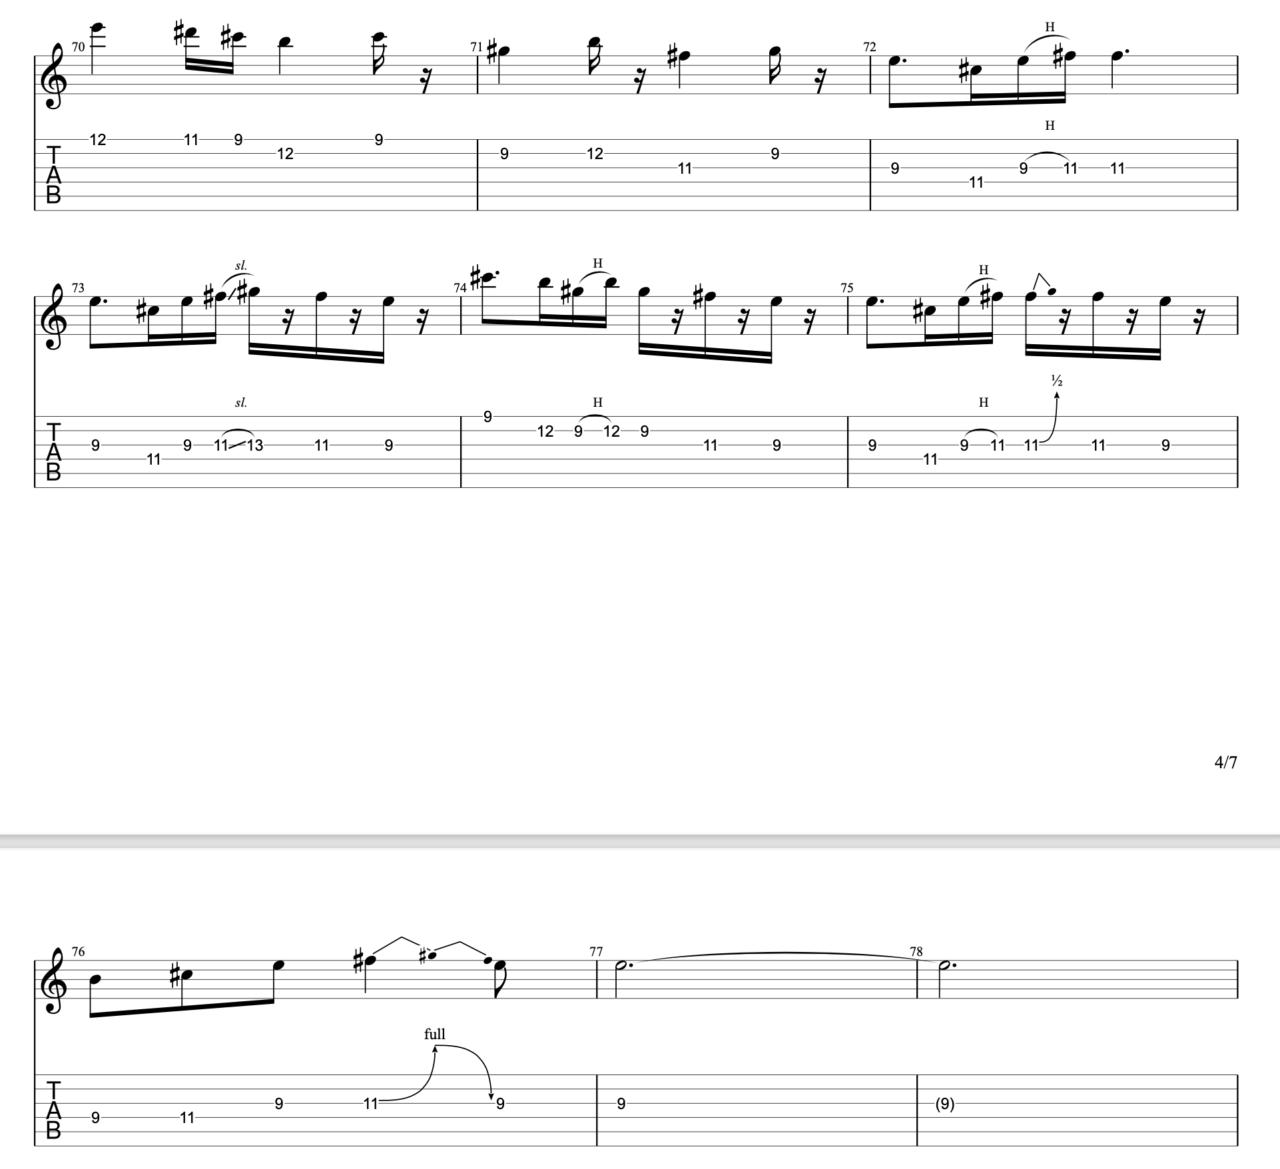 さわがしいまち|beco(騒音のない世界)のギターフレーズ解説!【楽譜(tab譜)付】 間奏 ギターソロ